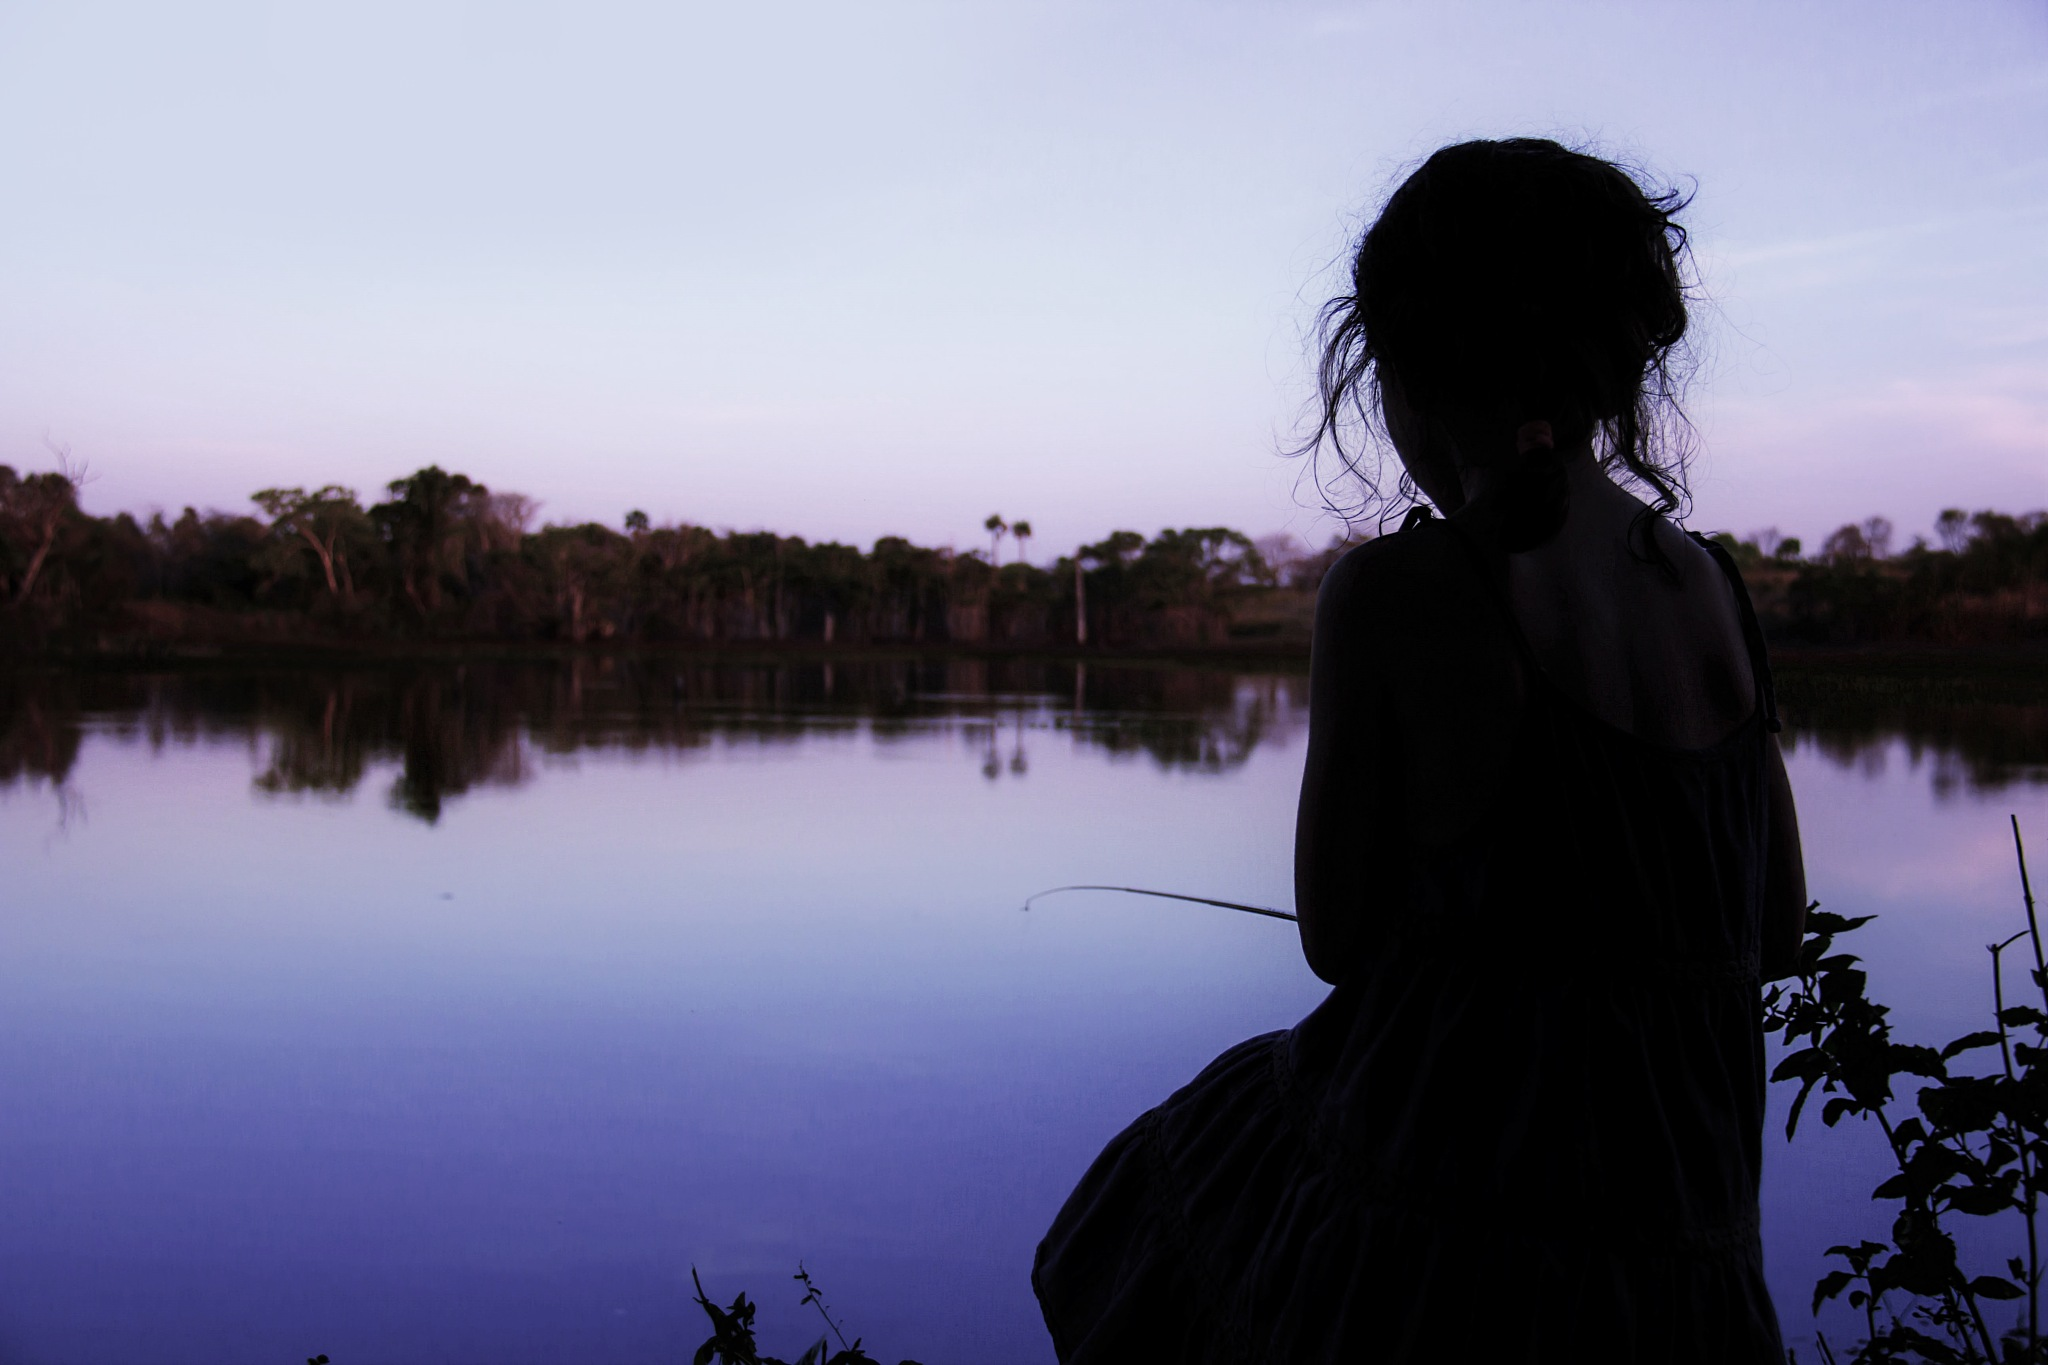 Just fishing by Sabrina Gomes